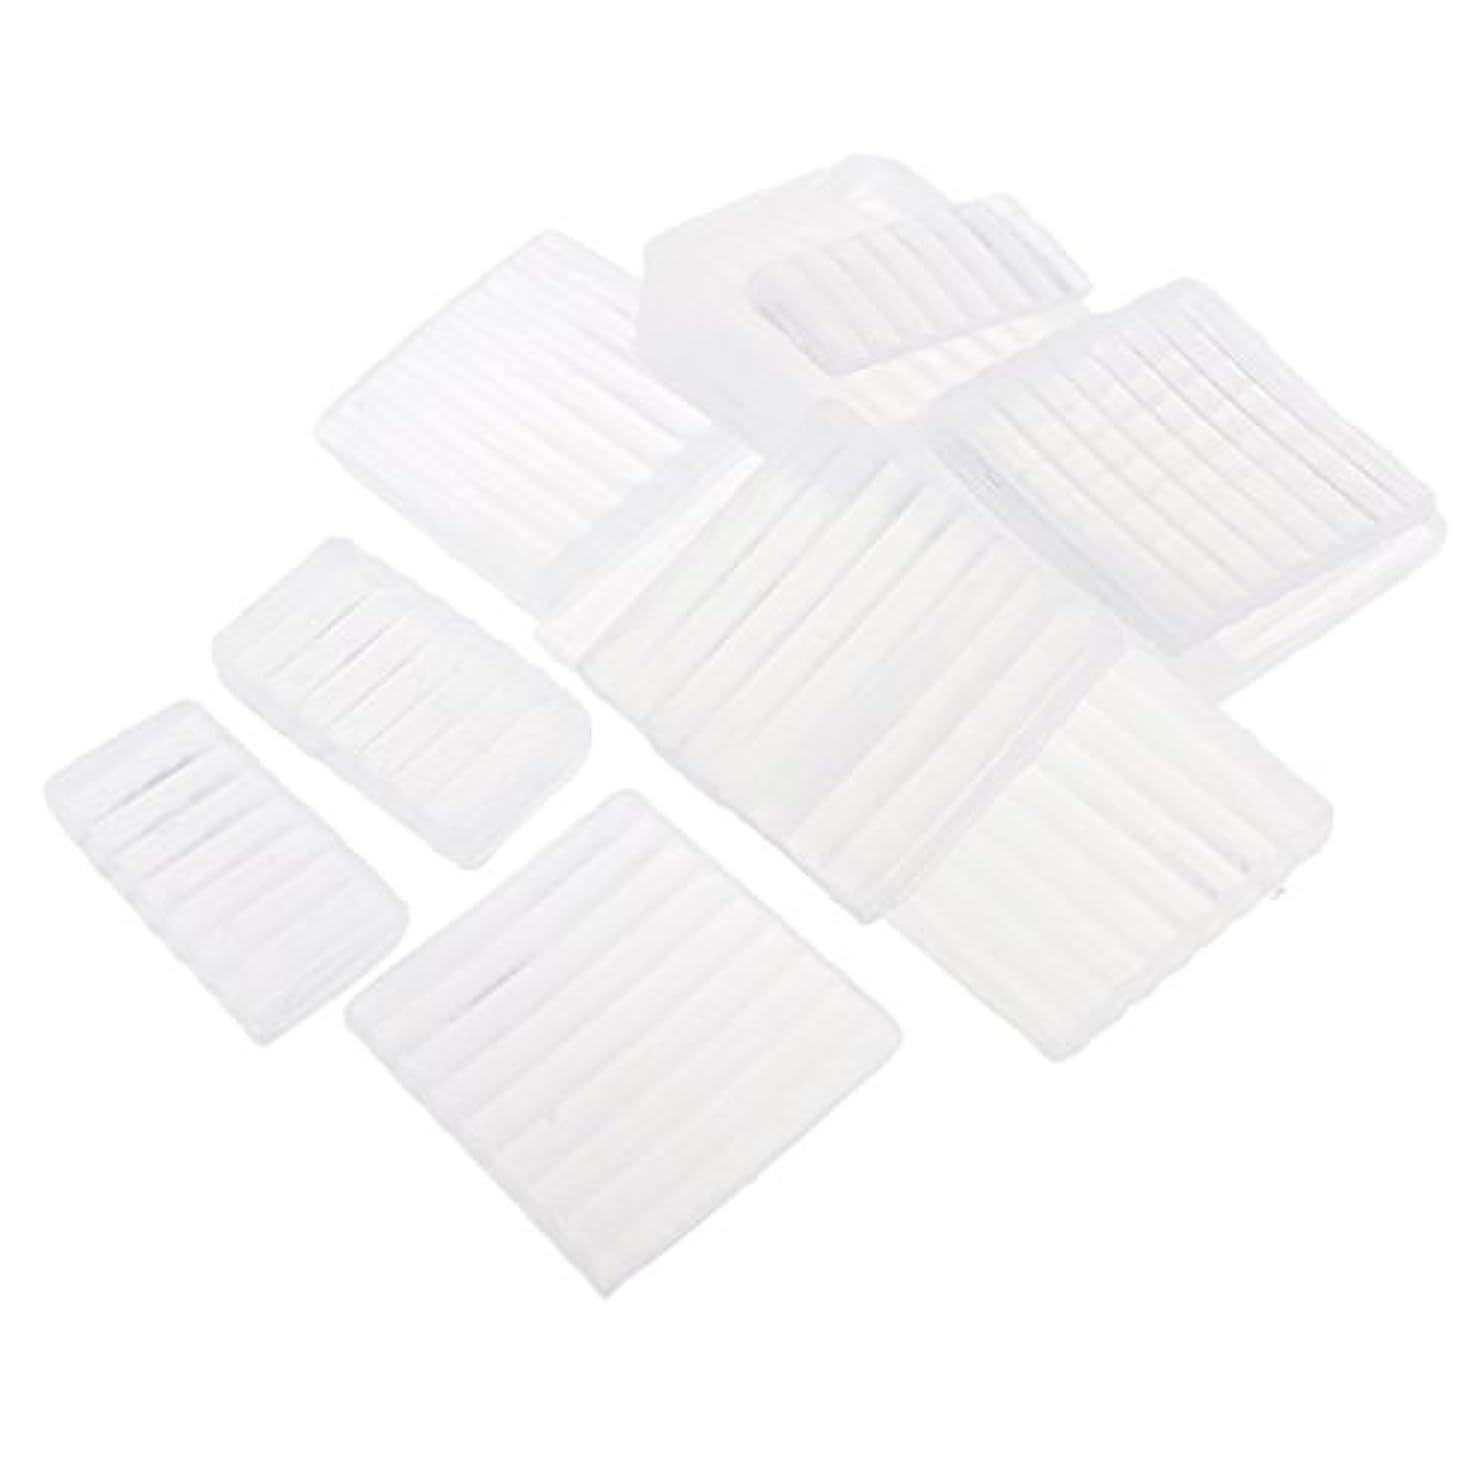 排泄物水分構築するPerfeclan 約500g ホワイト 透明 石鹸ベース DIY 手作り 石鹸 材料